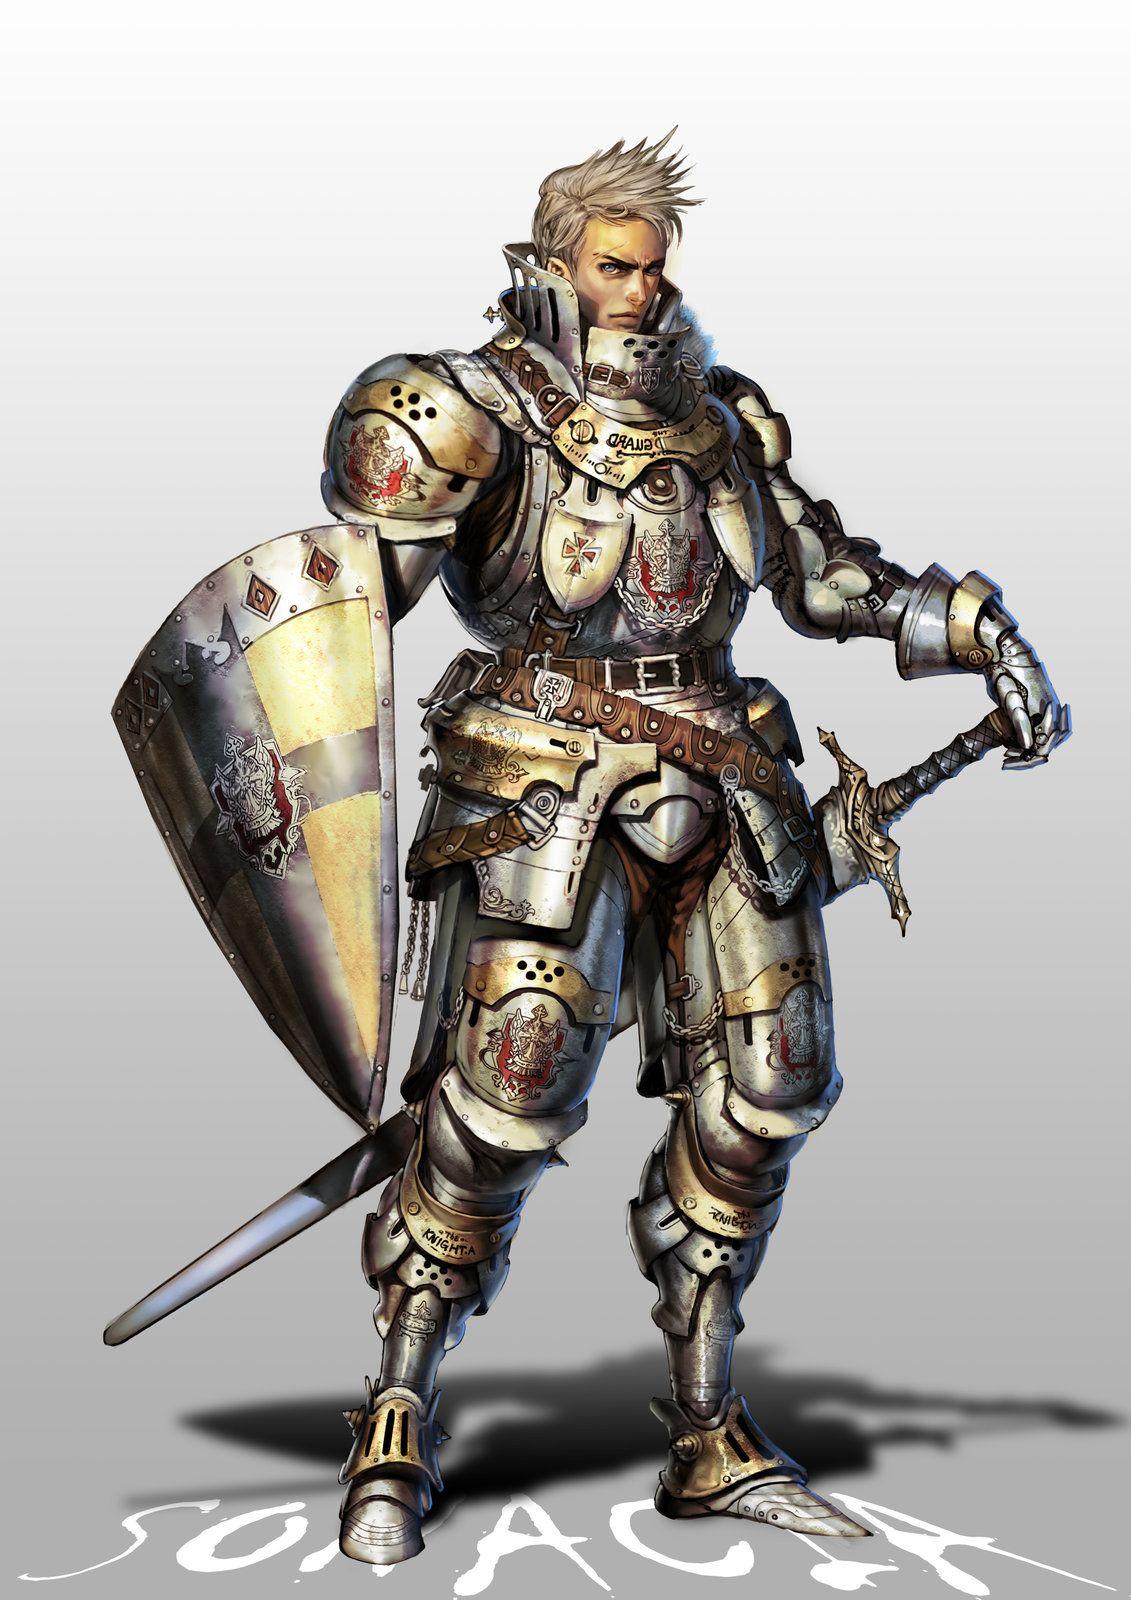 knight, Youngmin suh on ArtStation at http://www.artstation.com/artwork/knight-c309699d-9ac1-4c93-b619-1202678951f1